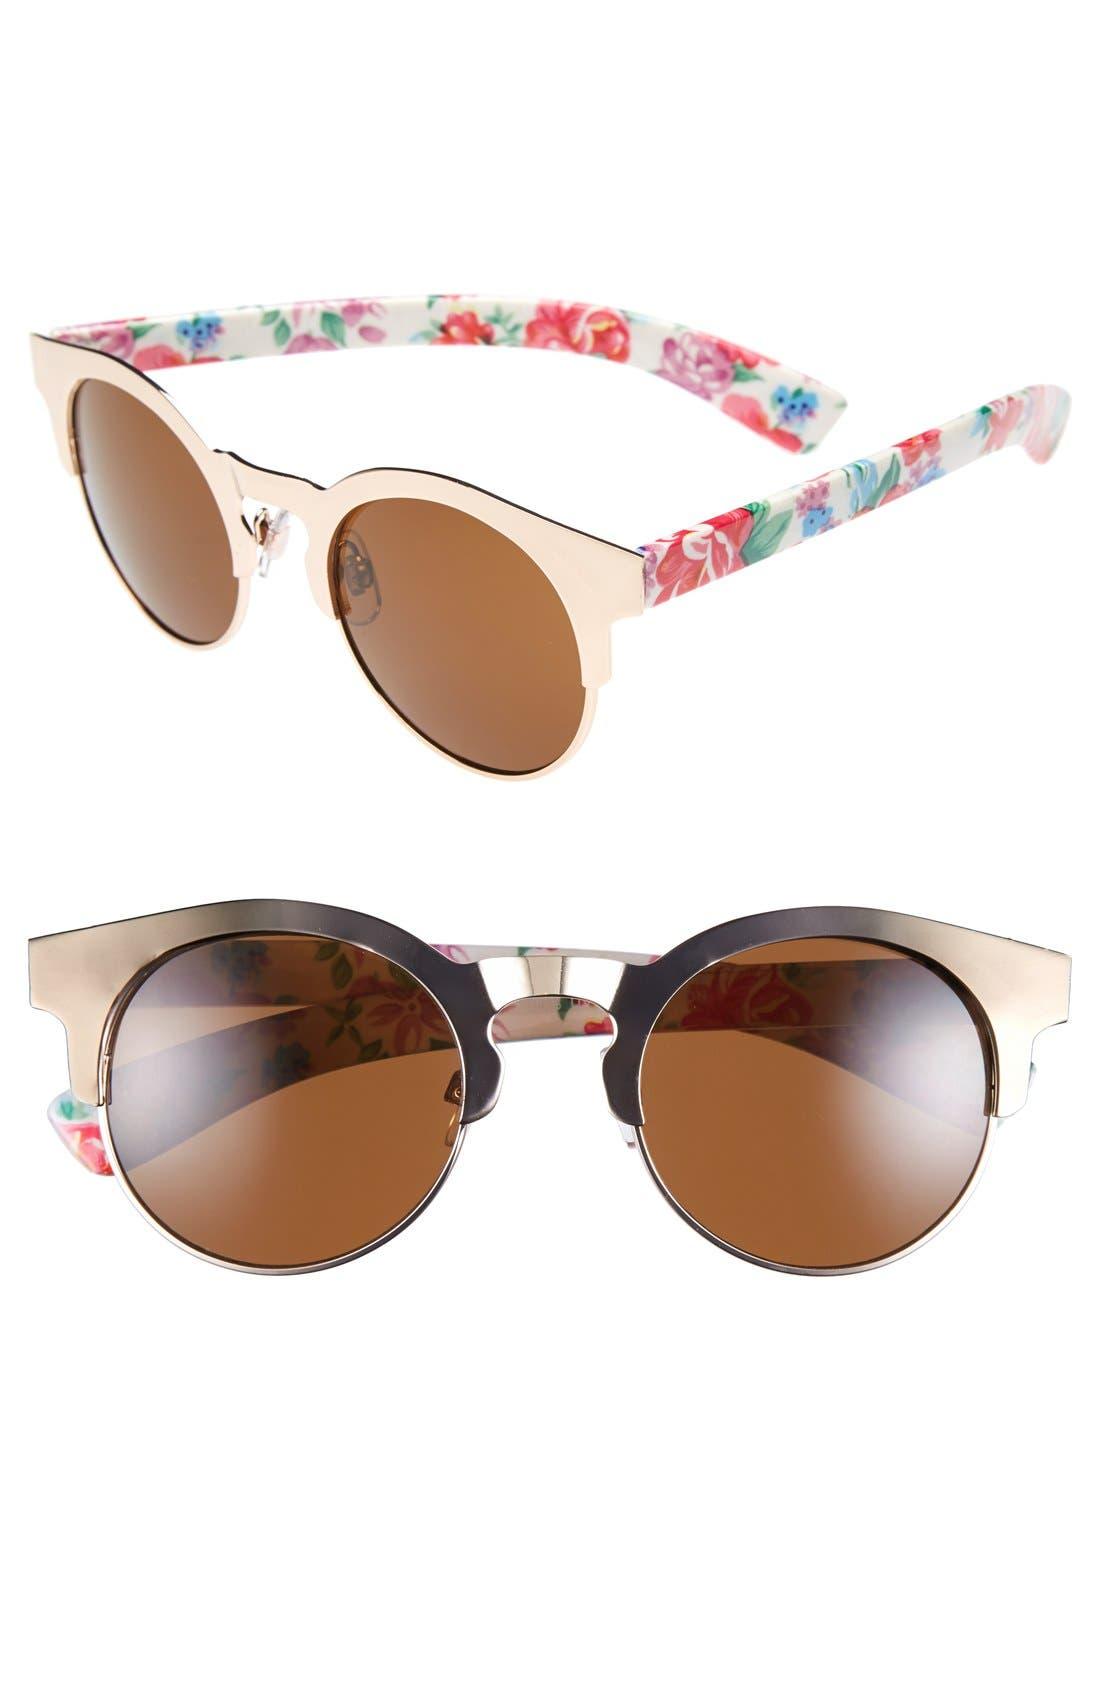 Main Image - FE NY 51mm Retro Sunglasses